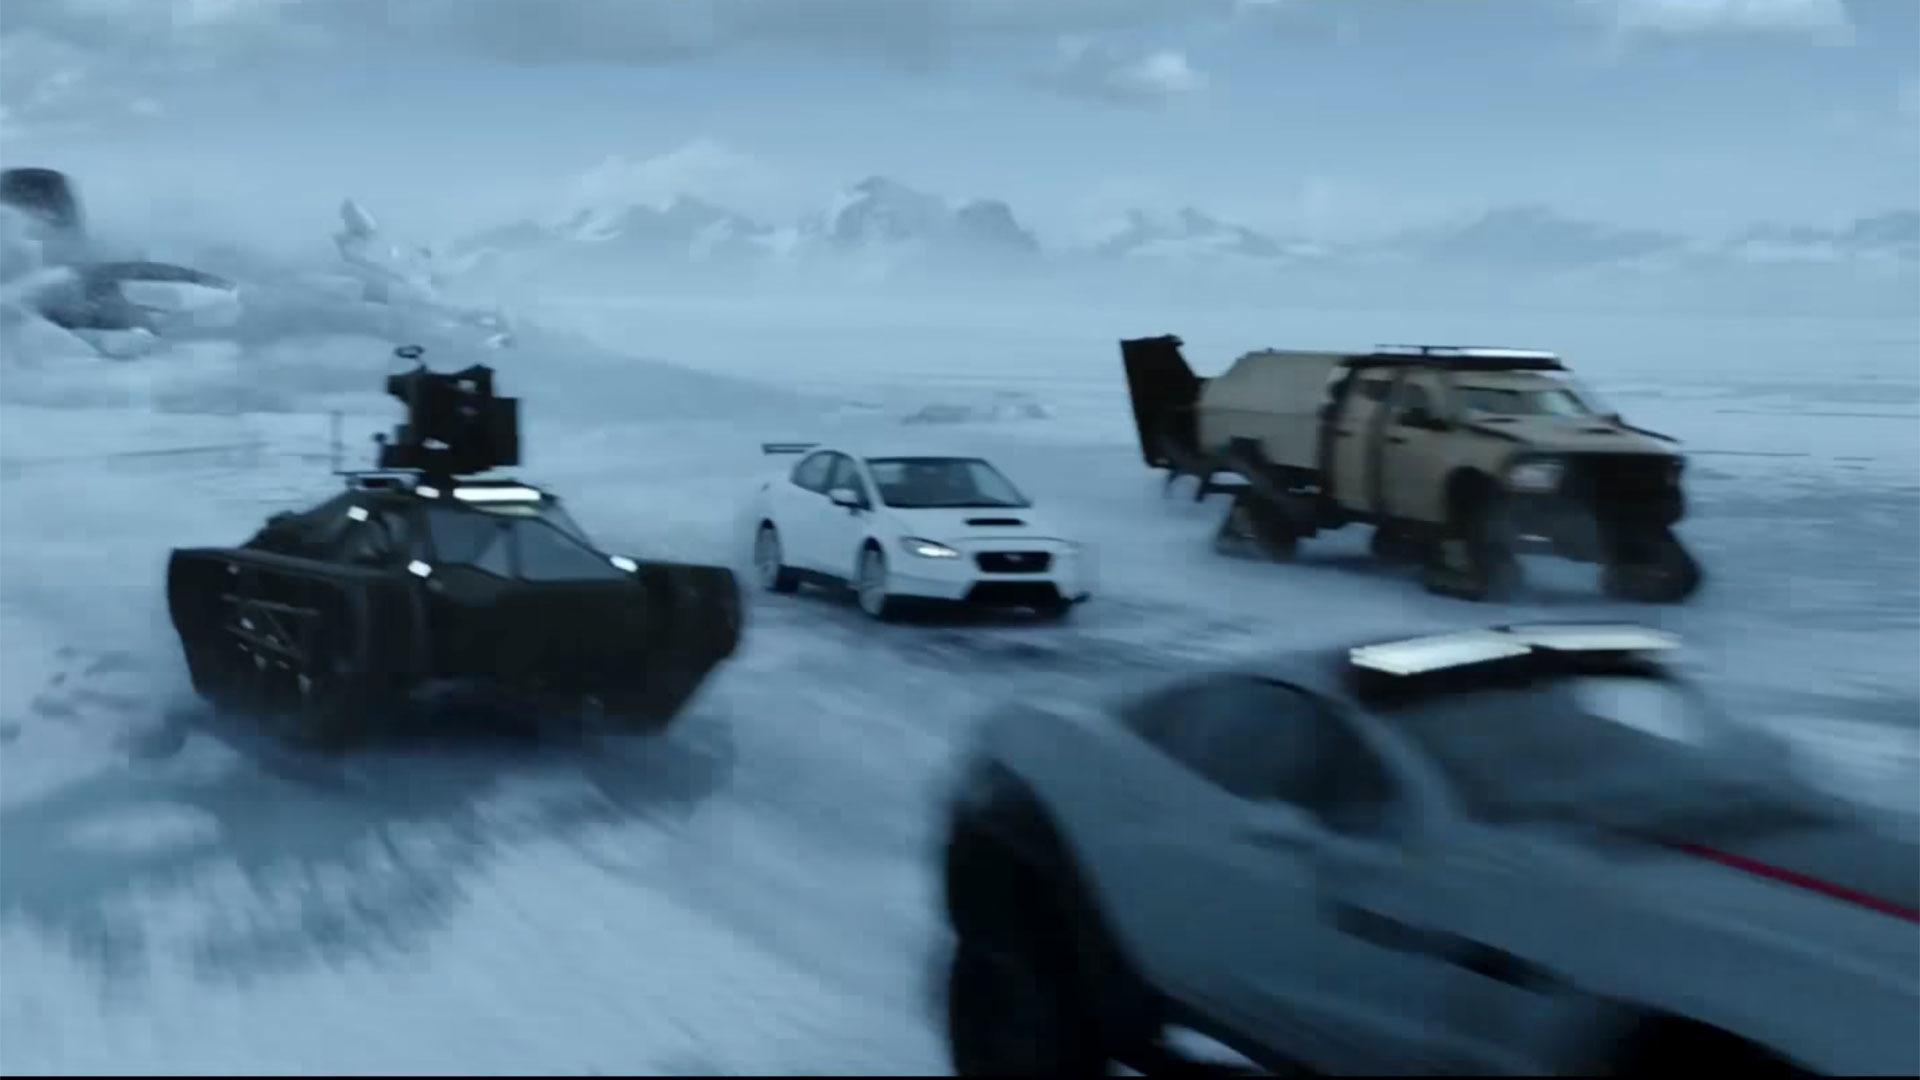 The Fate Of The Furious Movie Trailer Motor1 Com Photos